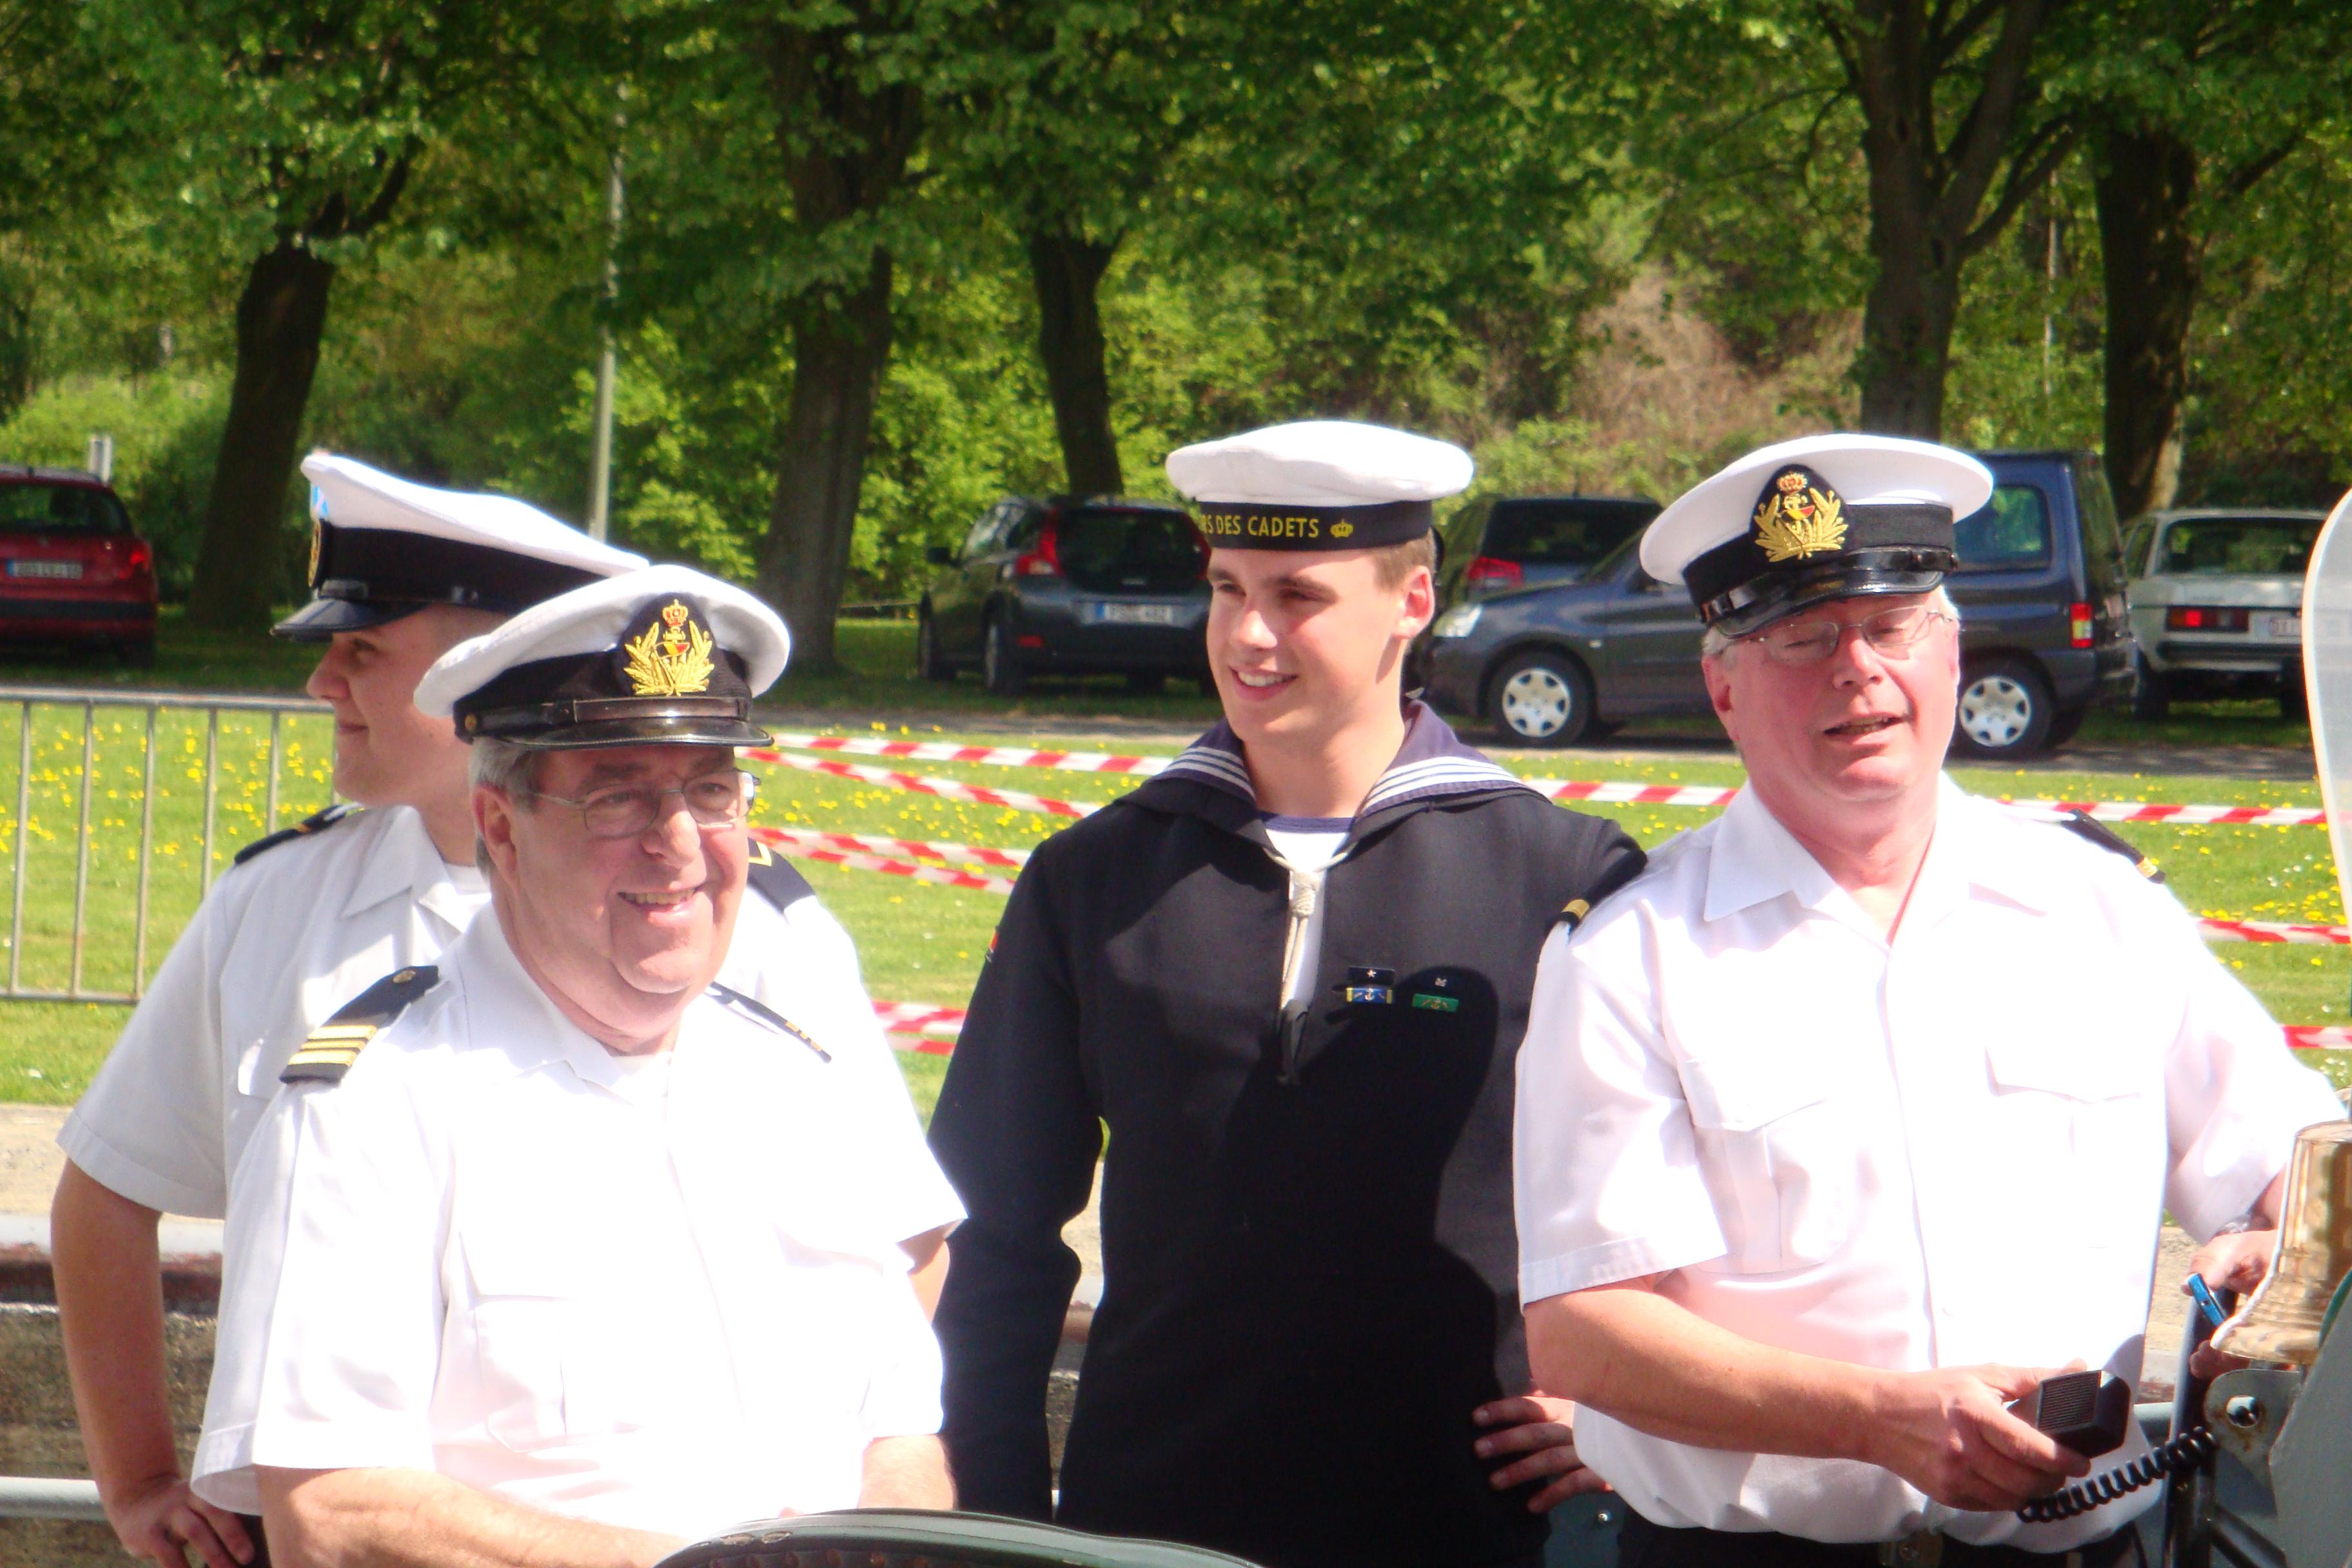 photos de la réunion des anciens à Ittre le 1er mai 2010 - Page 4 100502012627990285945223